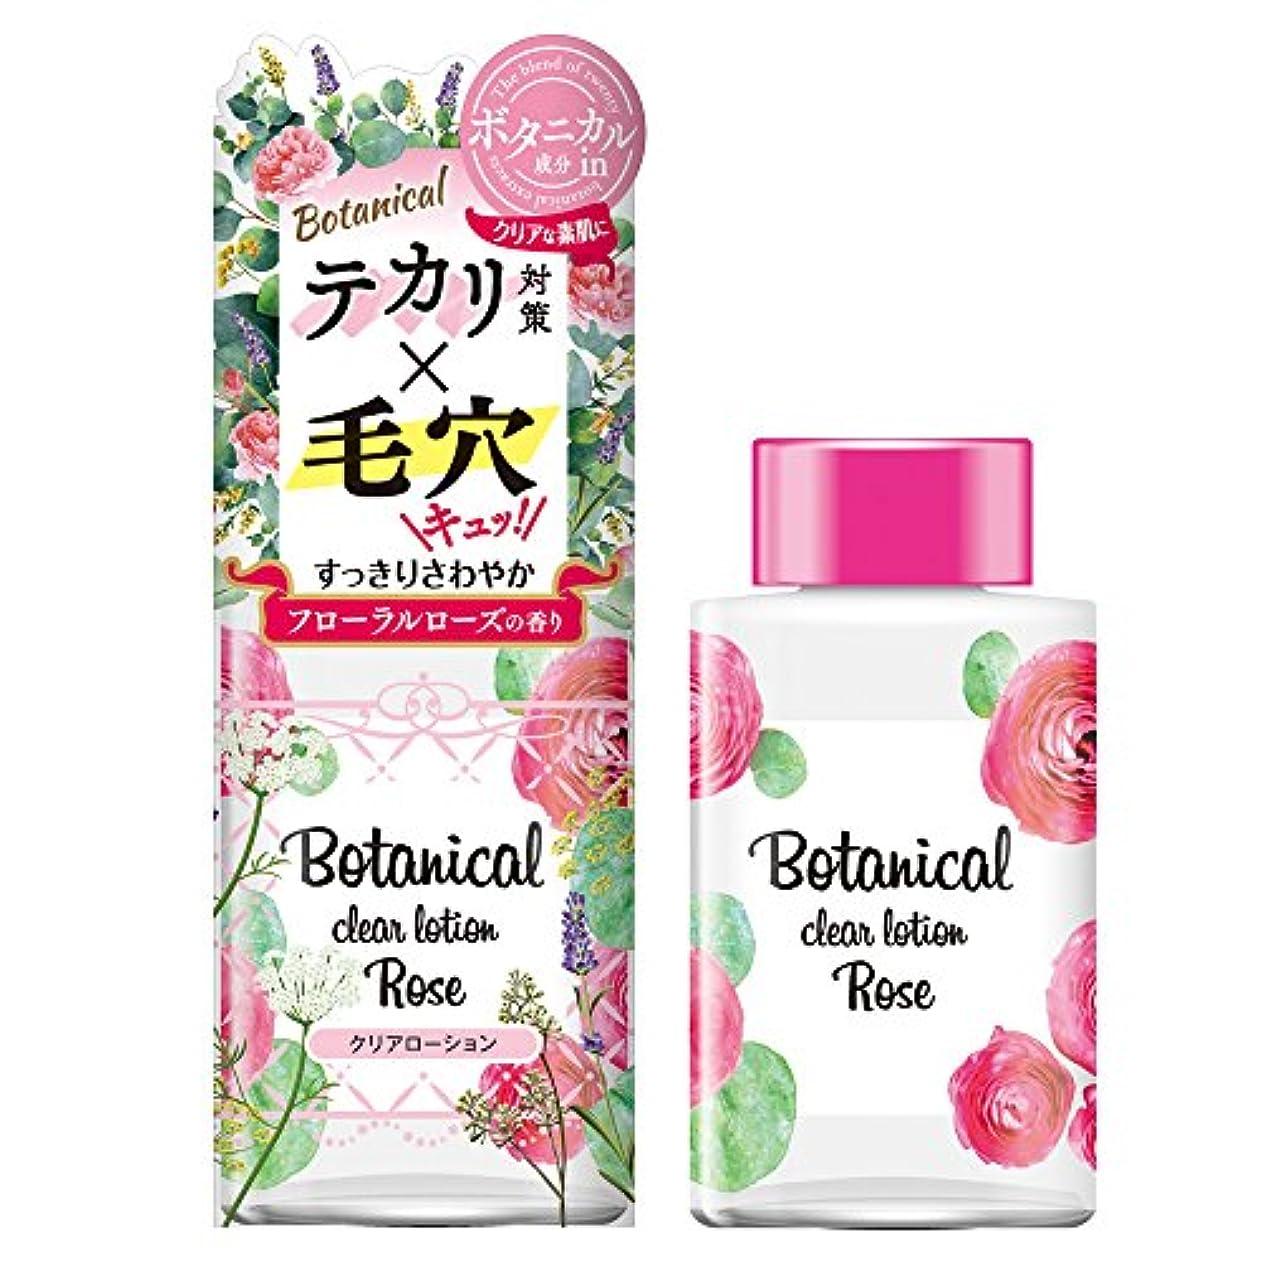 麻痺接続追加ボタニカル クリアローション フローラルローズの香り